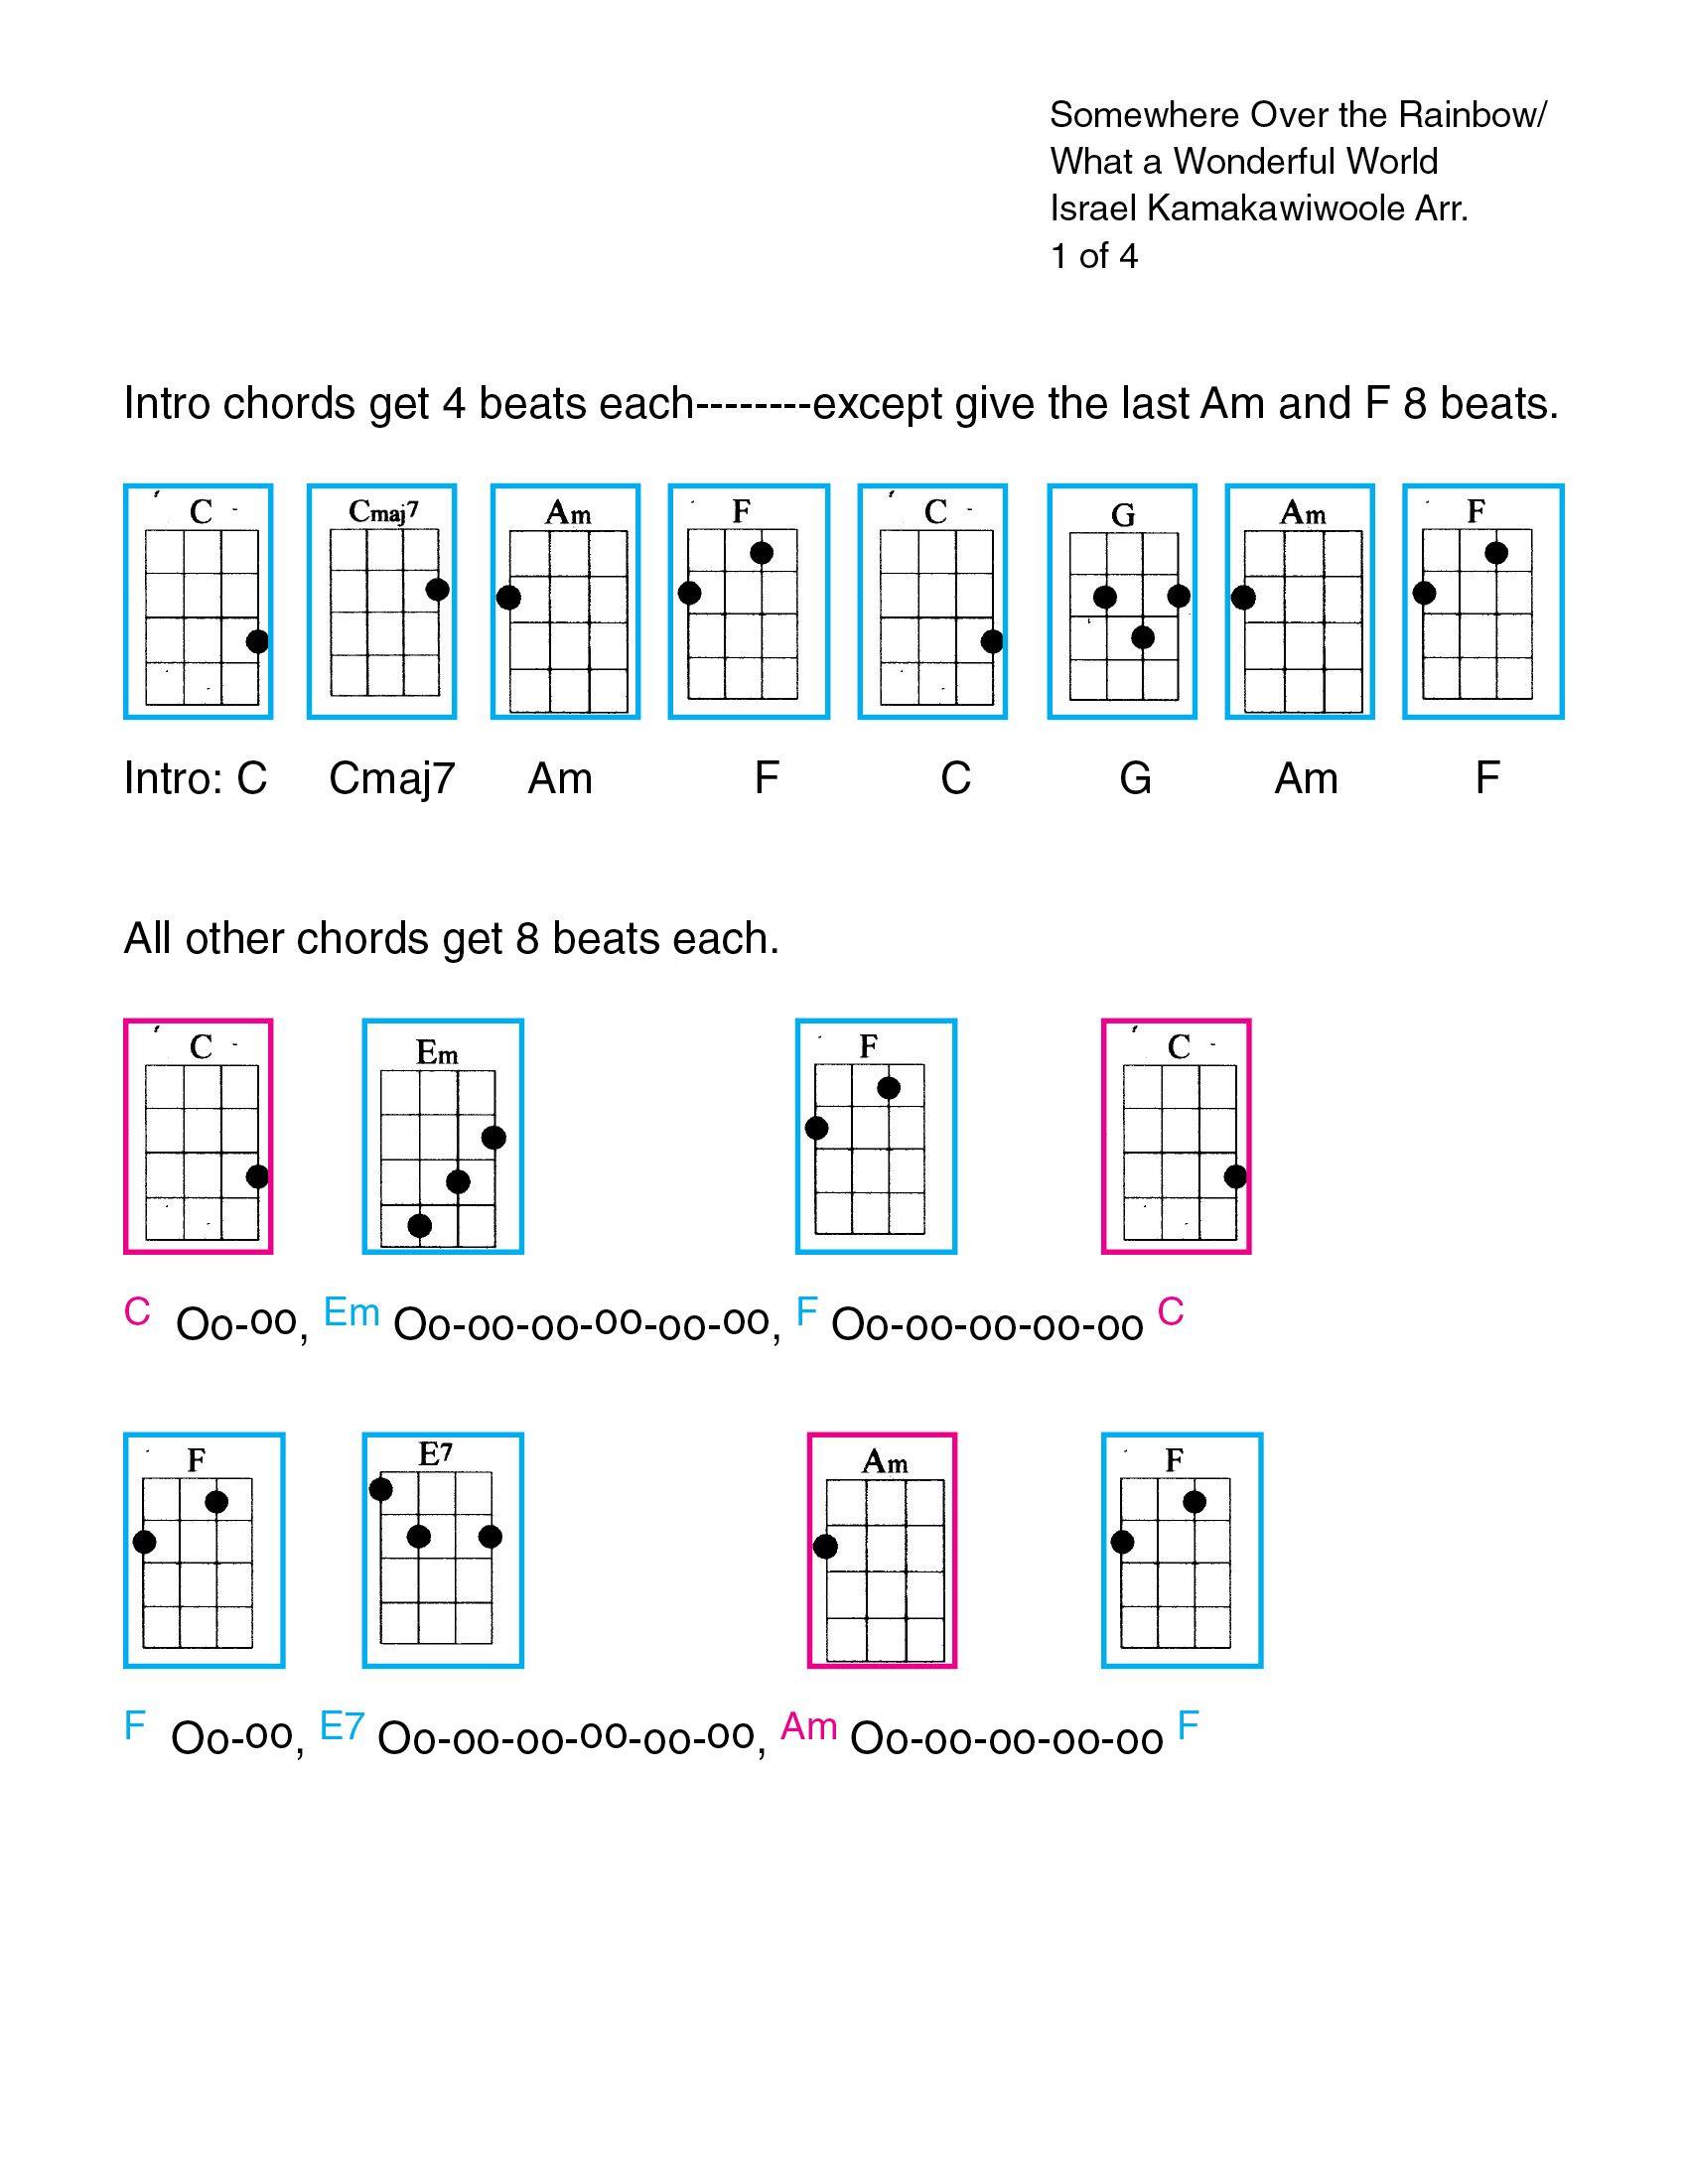 Over The Rainbow Ukulele Strumming Pattern : rainbow, ukulele, strumming, pattern, Rainbow/Wonderful, World, Kamakawiwo'ole, Style, Rainbow, Ukulele,, Ukulele, Chords, Songs,